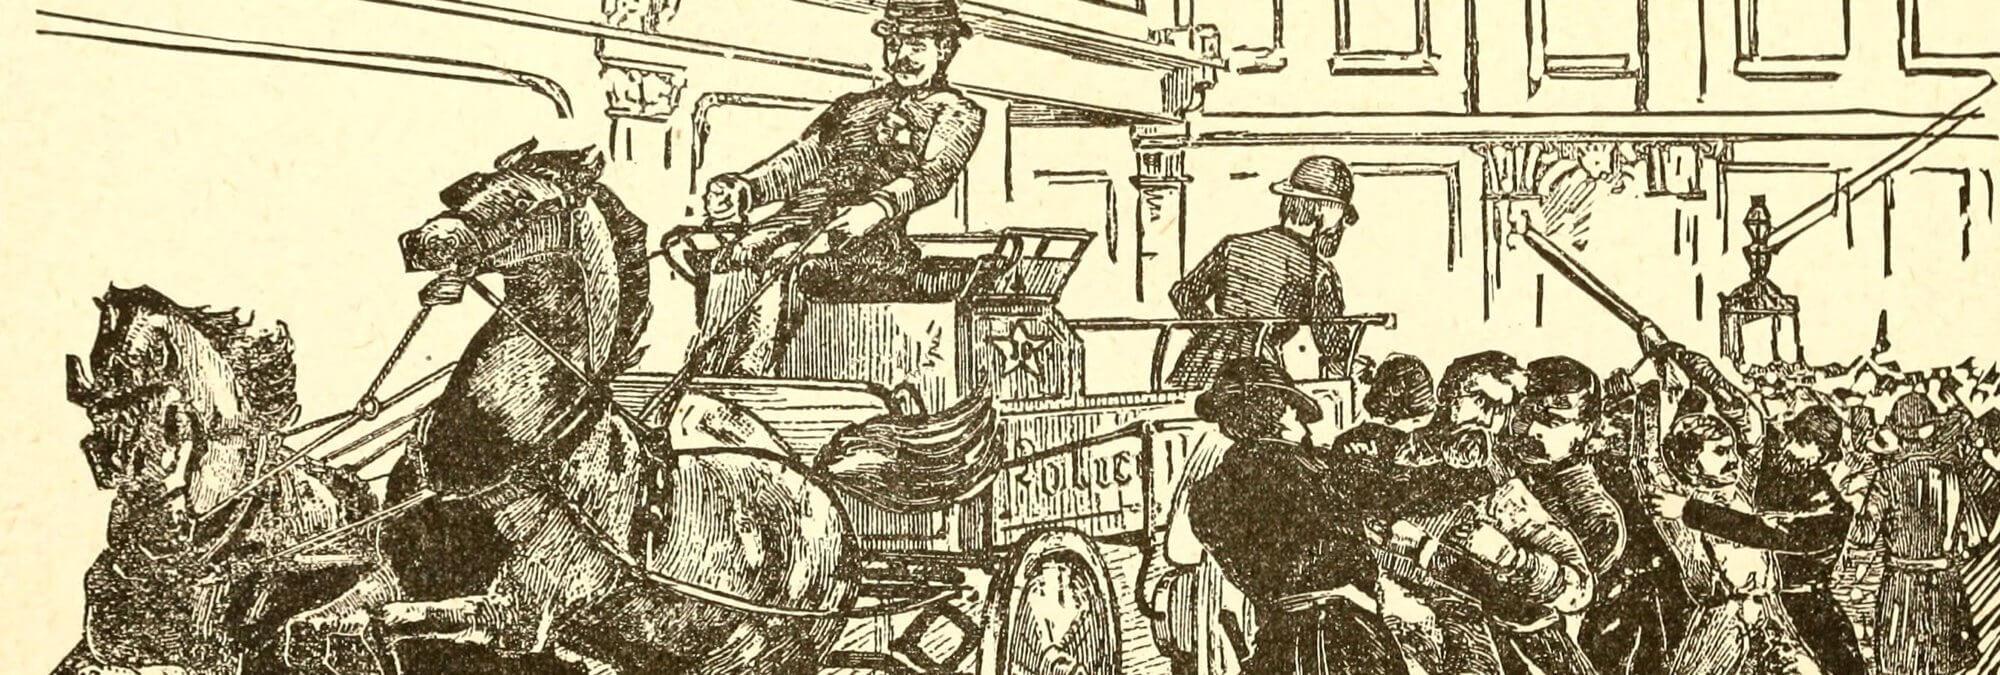 Haymarket Riot Illustration